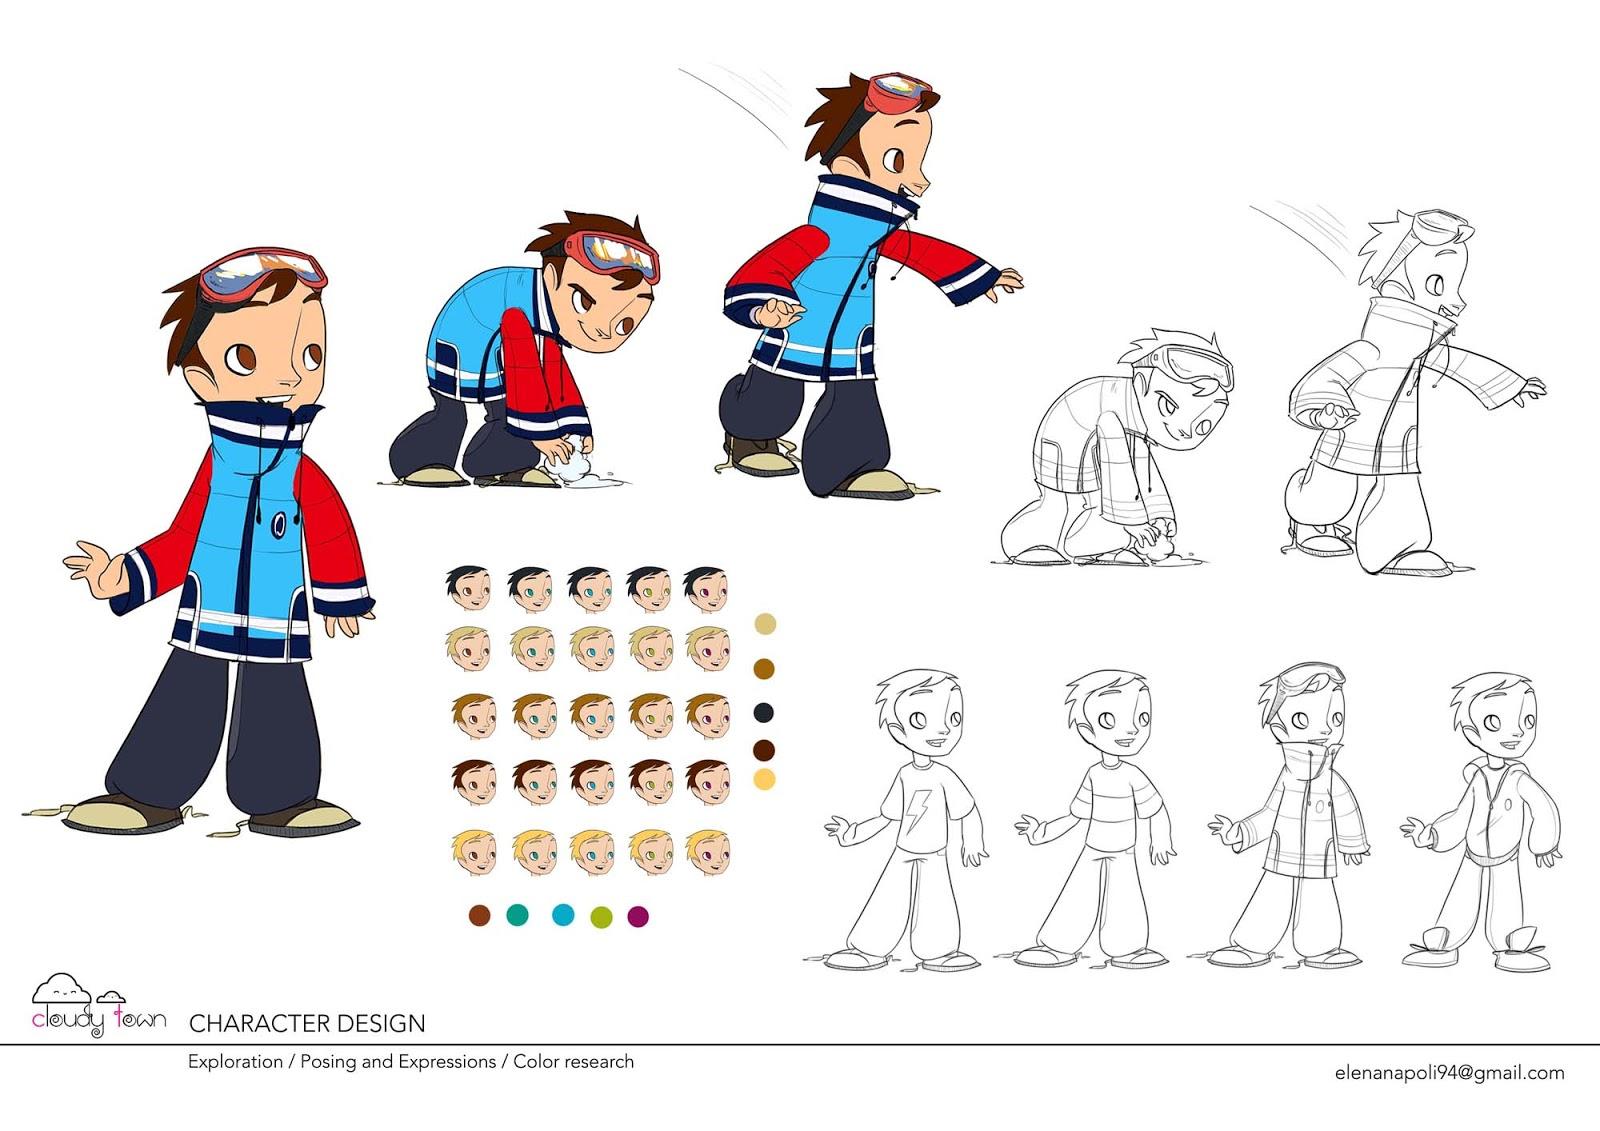 Character Design Visual Development : Elena napoli